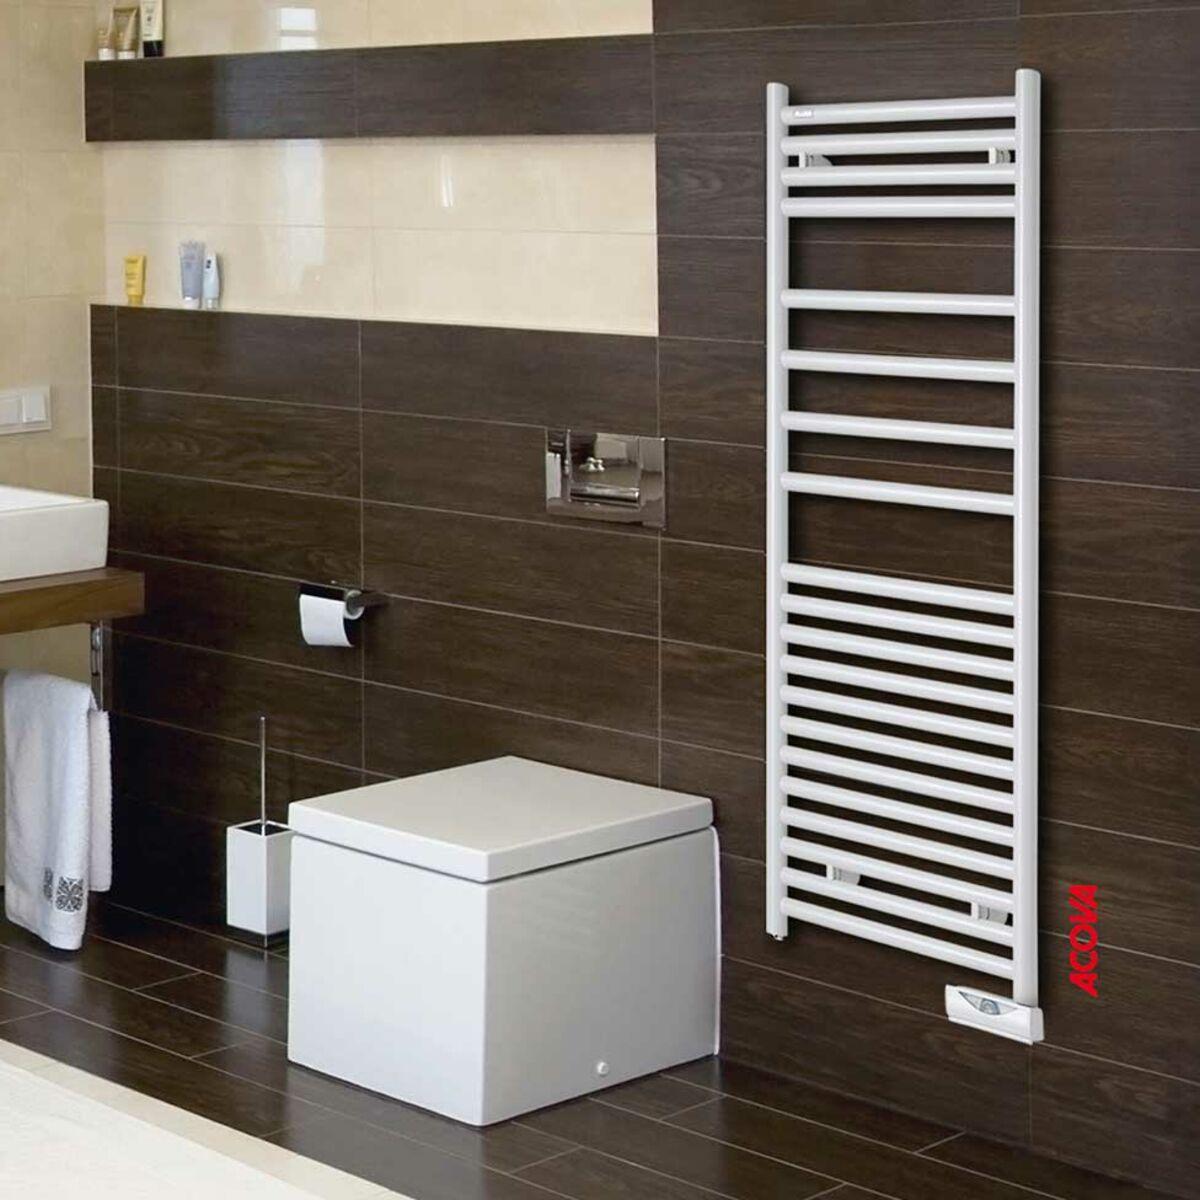 Comment Choisir La Puissance D Un Seche Serviette Electrique sèche-serviette électrique : zoom sur les nouveautés : femme